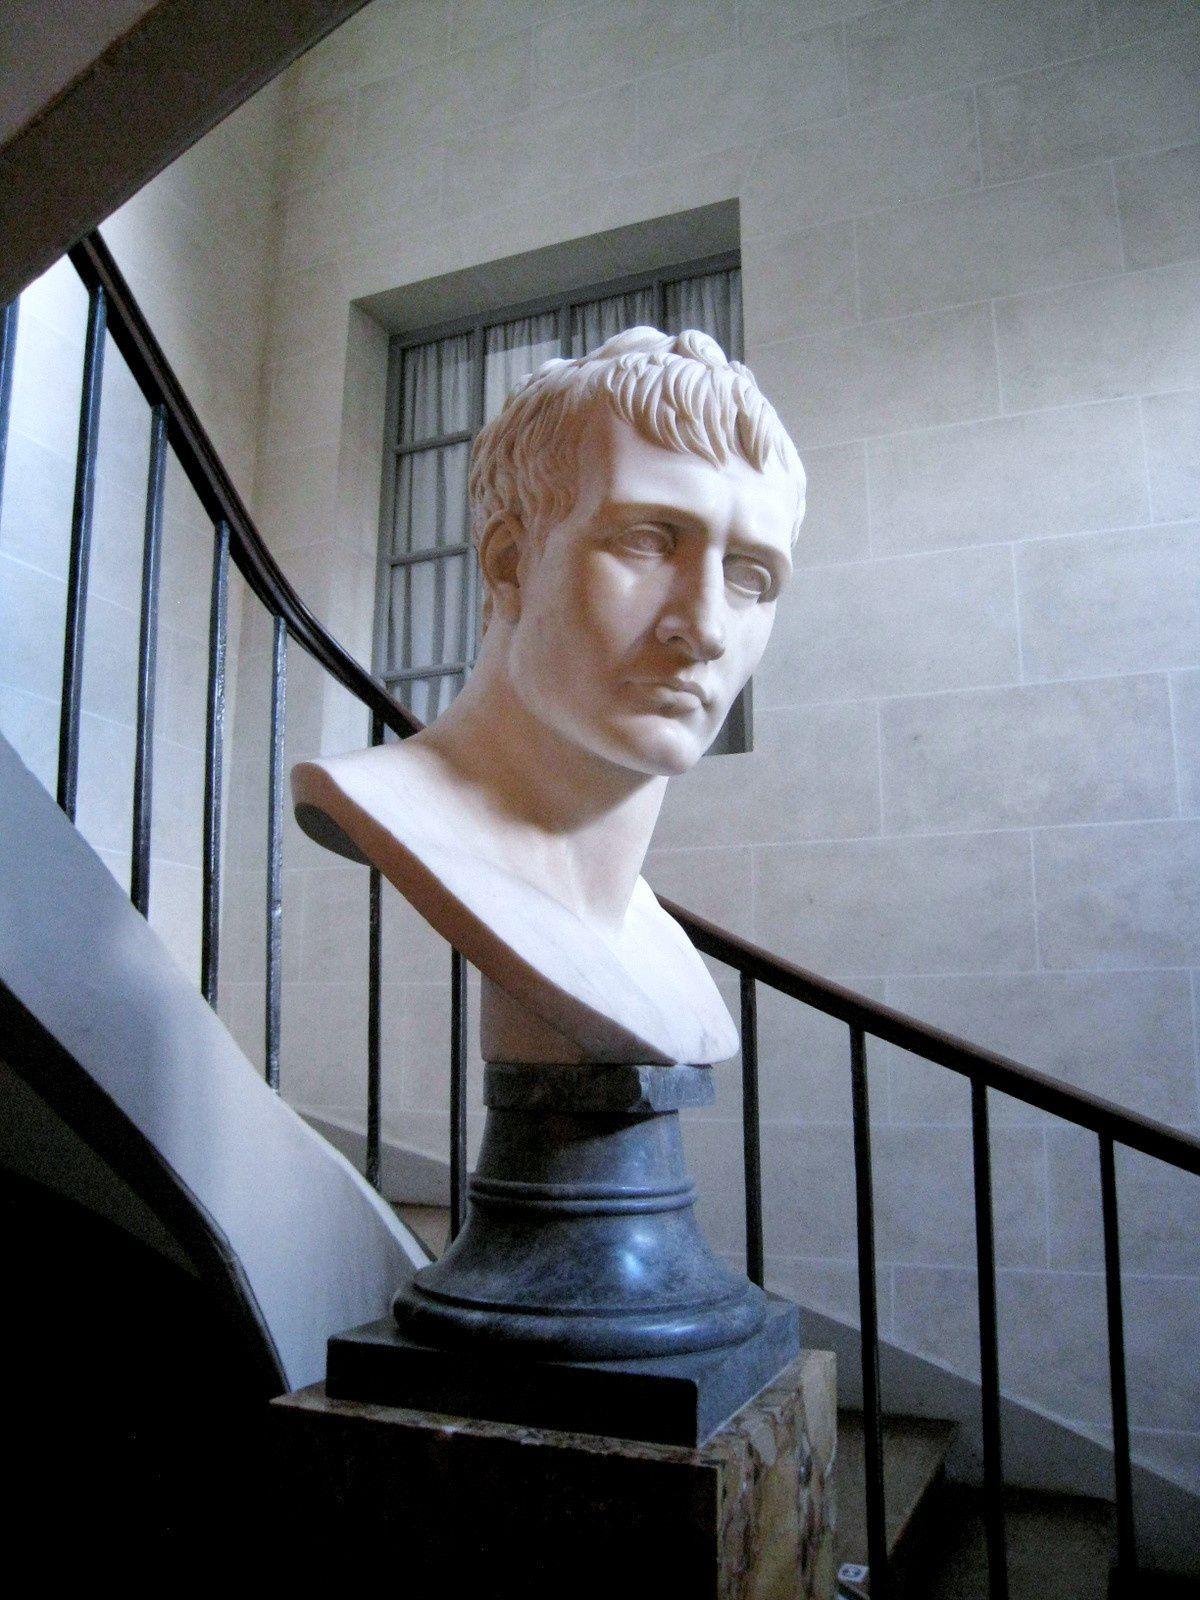 Buste de Napoléon, château de Malmaison